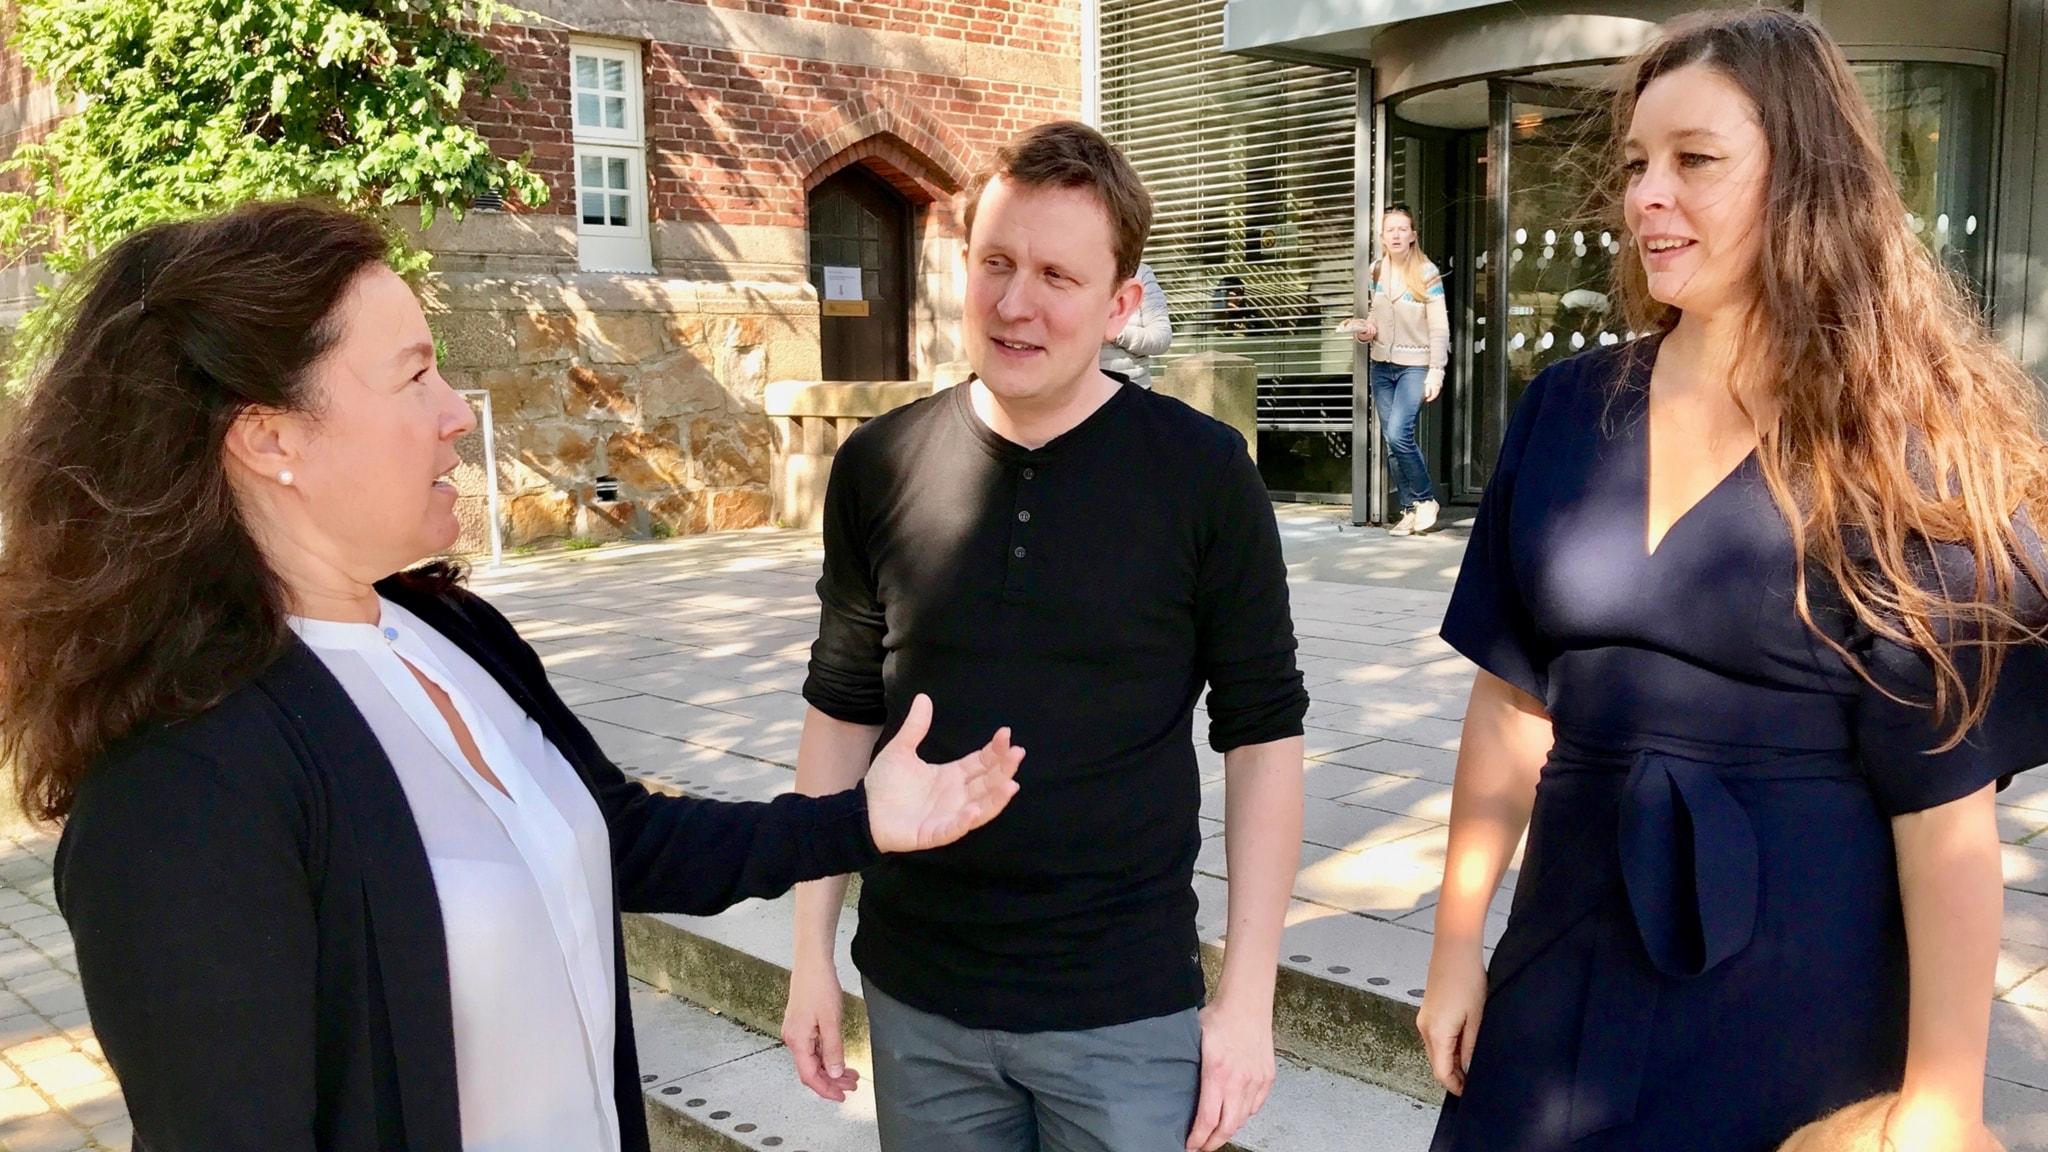 Folket, politikerna och forskarna. Vem bör lyssna på vem, och vem bör bestämma hur landet ska styras? Shirin Ahlbäck, Johan Brännmark och Jenny Maria Nilsson utanför LUX-huset i Lund.